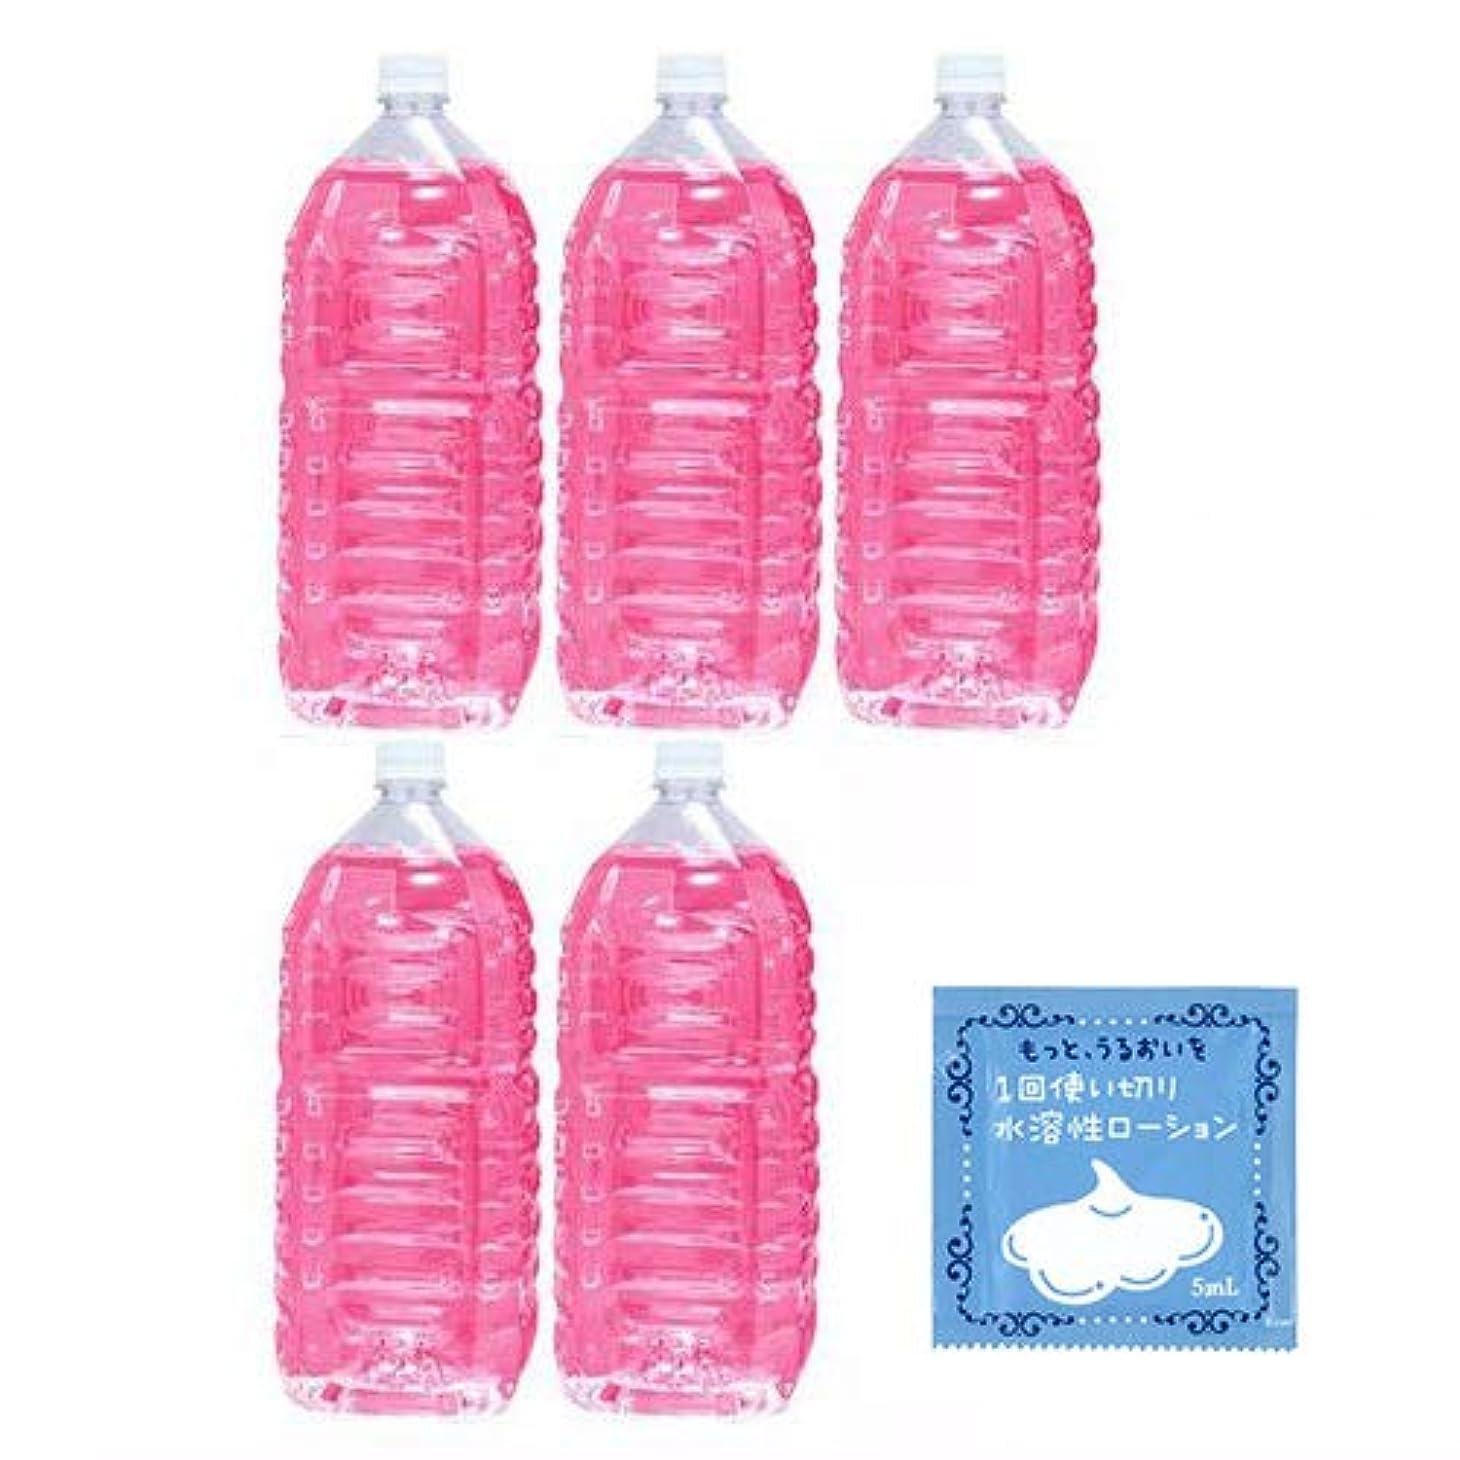 比類のない矛盾する無限大ピンクローション 2Lペットボトル ハードタイプ(5倍濃縮原液)業務用ローション ×5本セット + 1回使い切り水溶性潤滑ローション